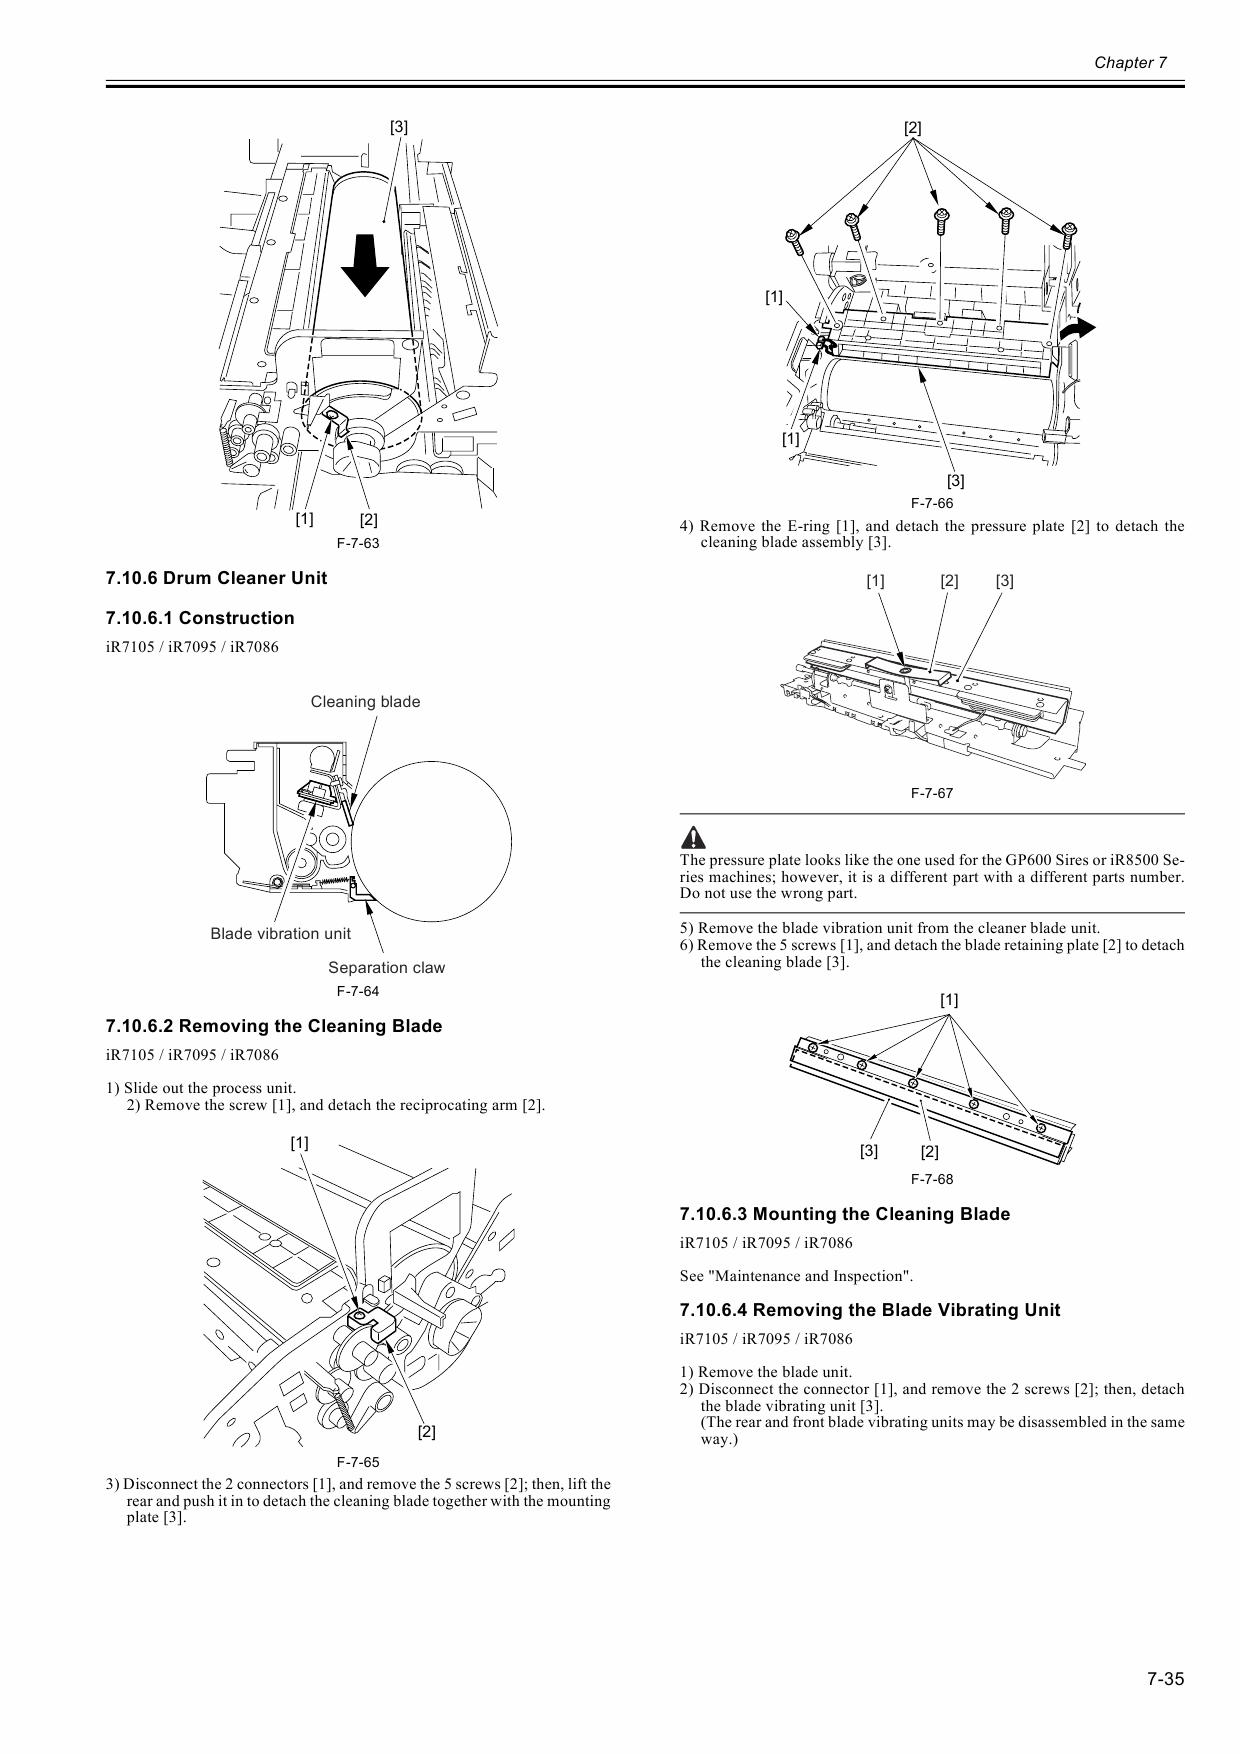 Canon imageRUNNER-iR 7105 7095 7086 Service Manual-3